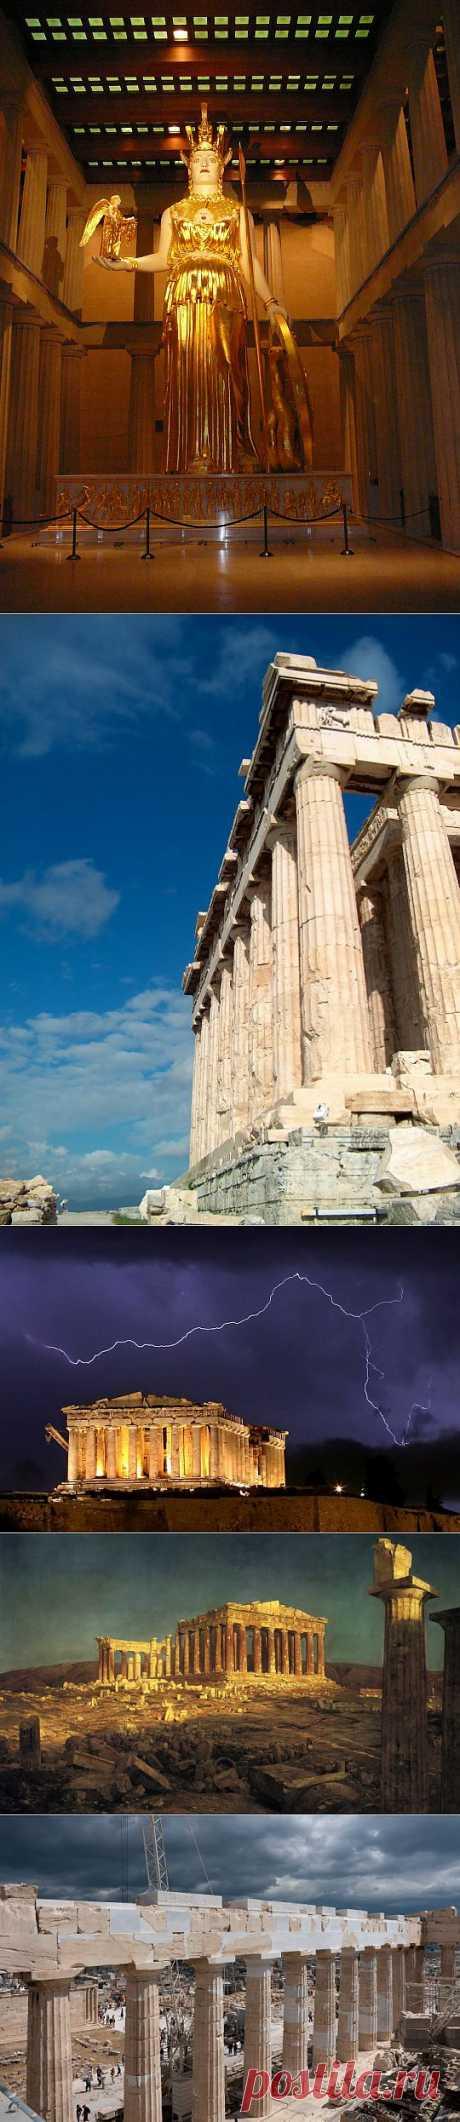 Парфенон, Греция | ТУРИЗМ И ОТДЫХ